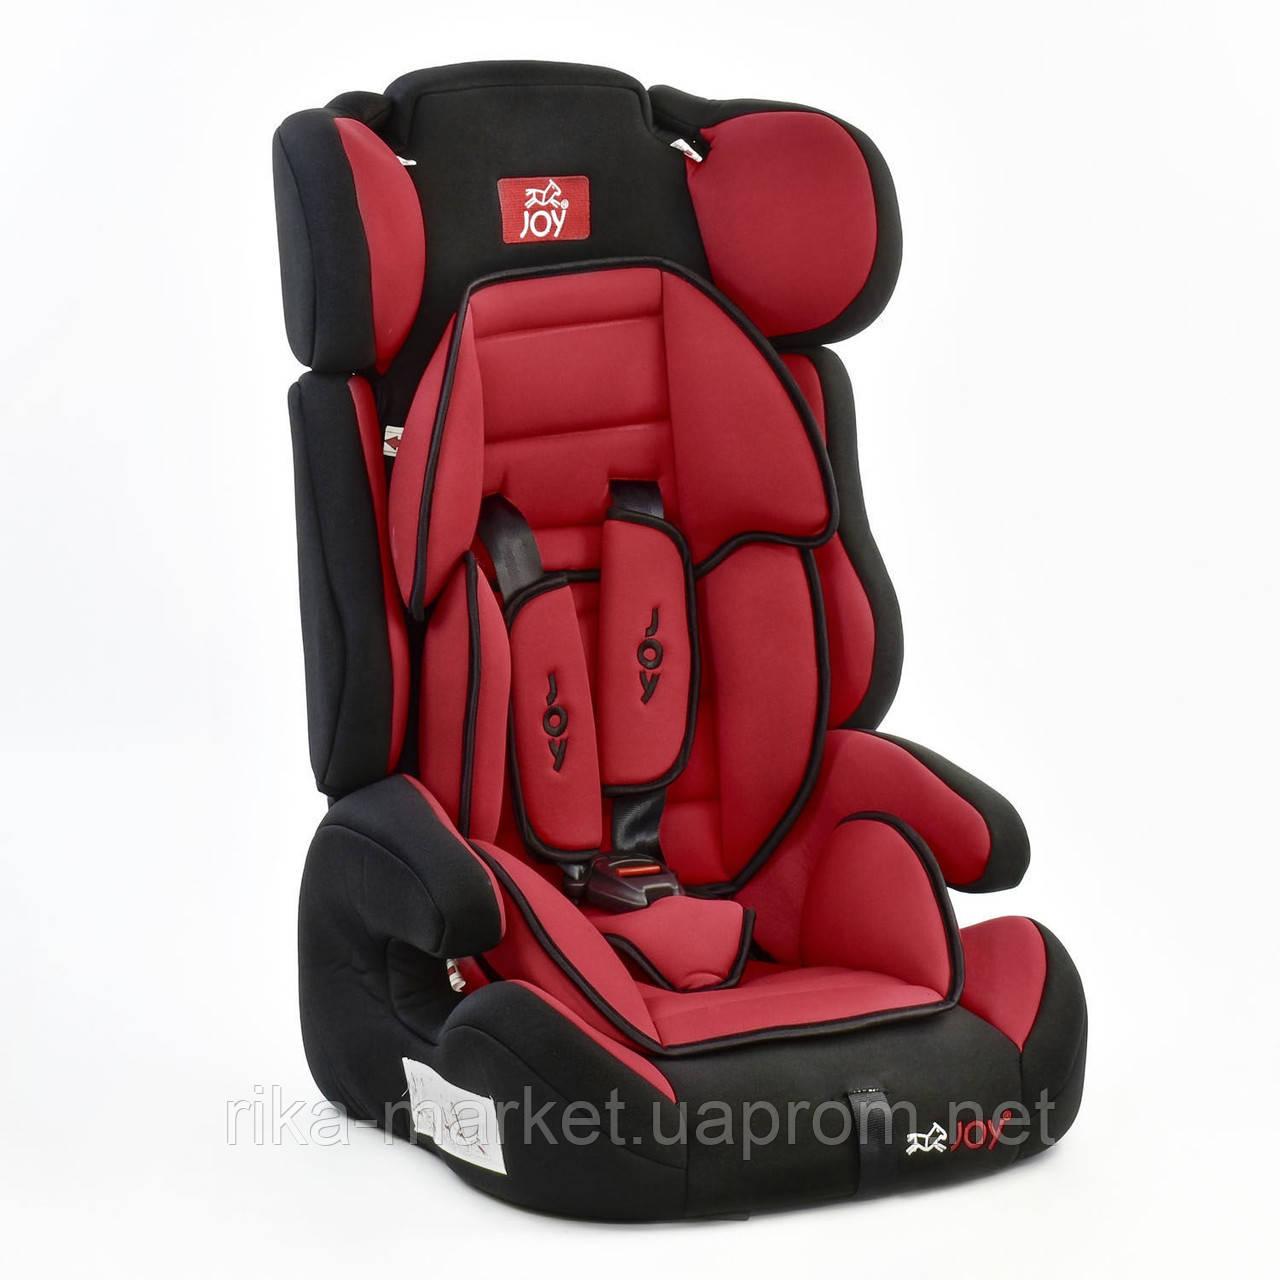 Автокресло универсальное Joy E 1120 цвет чёрно-красный (9-36 кг)